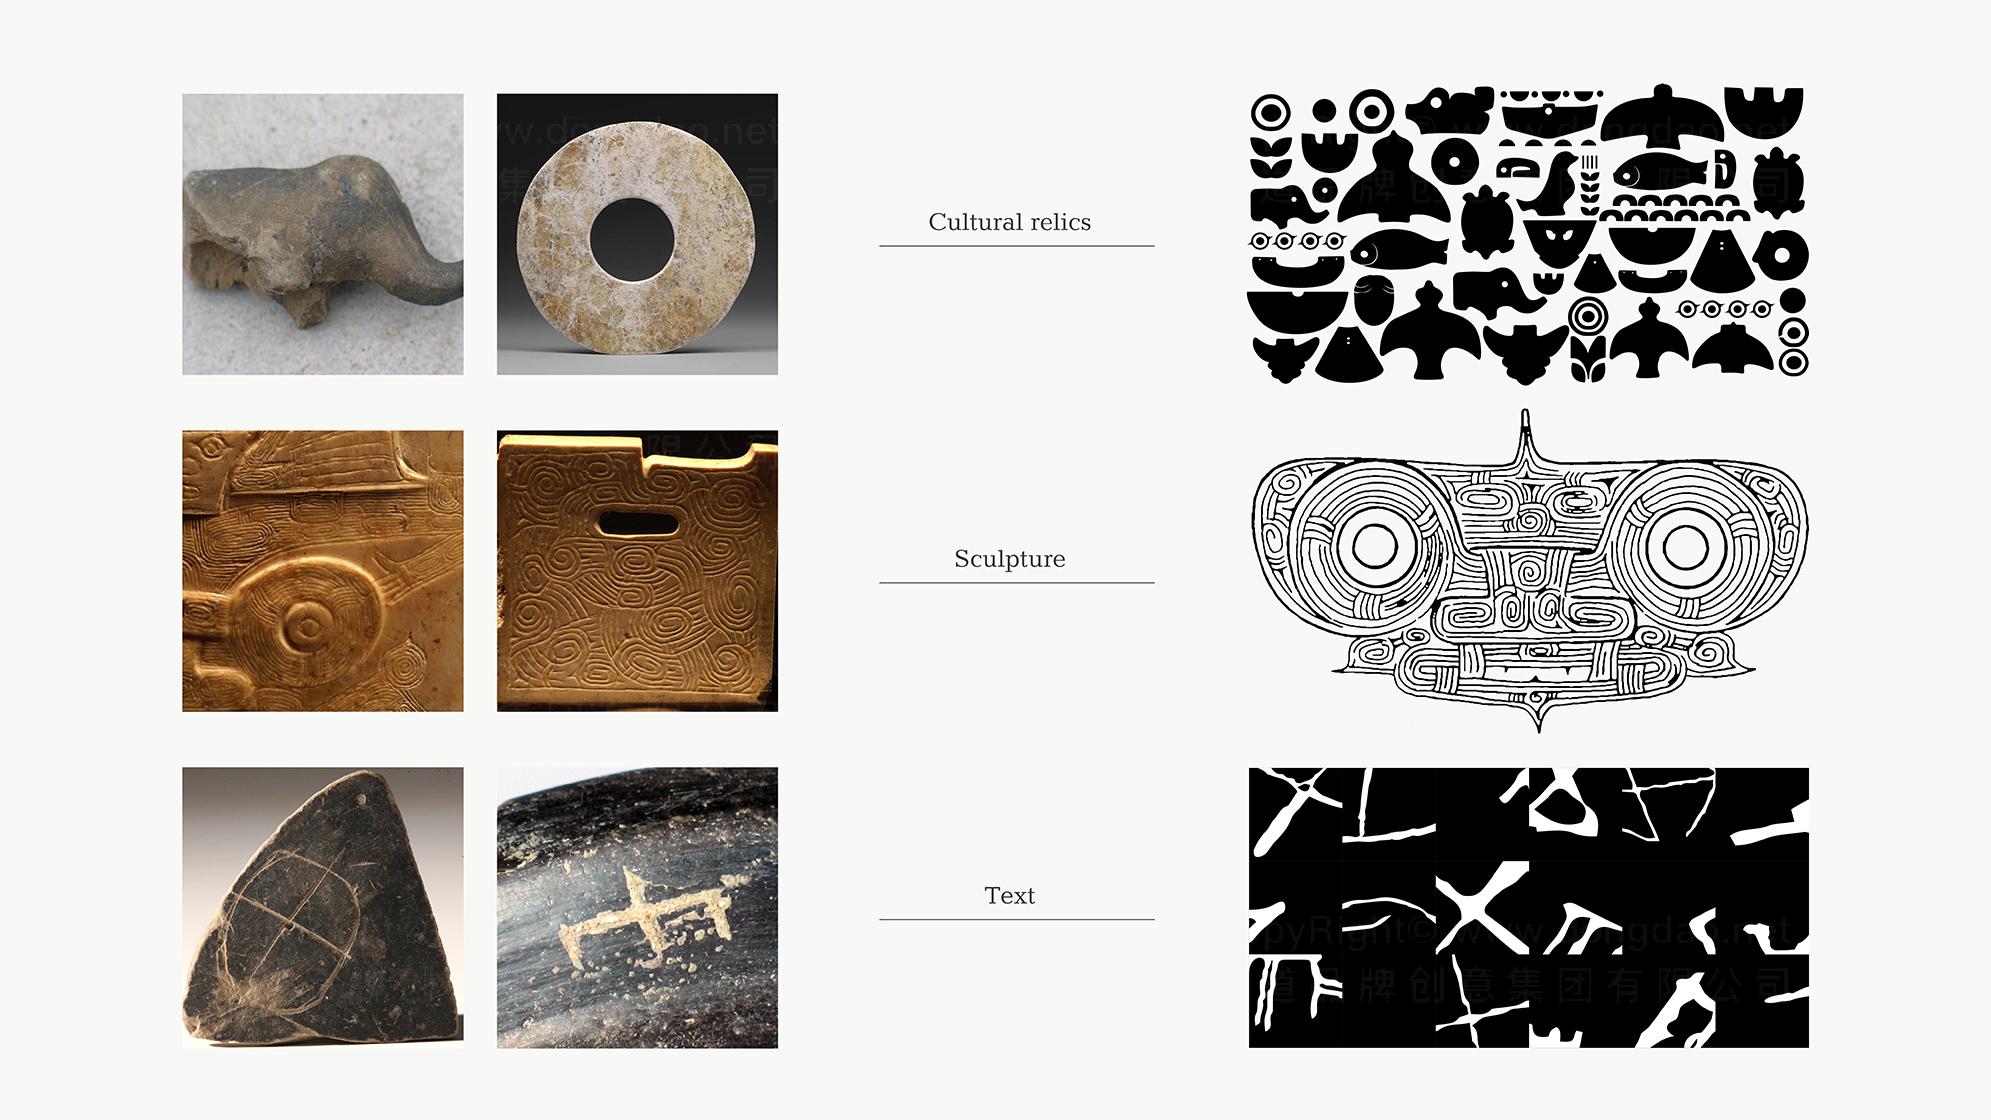 良渚文化logo设计应用